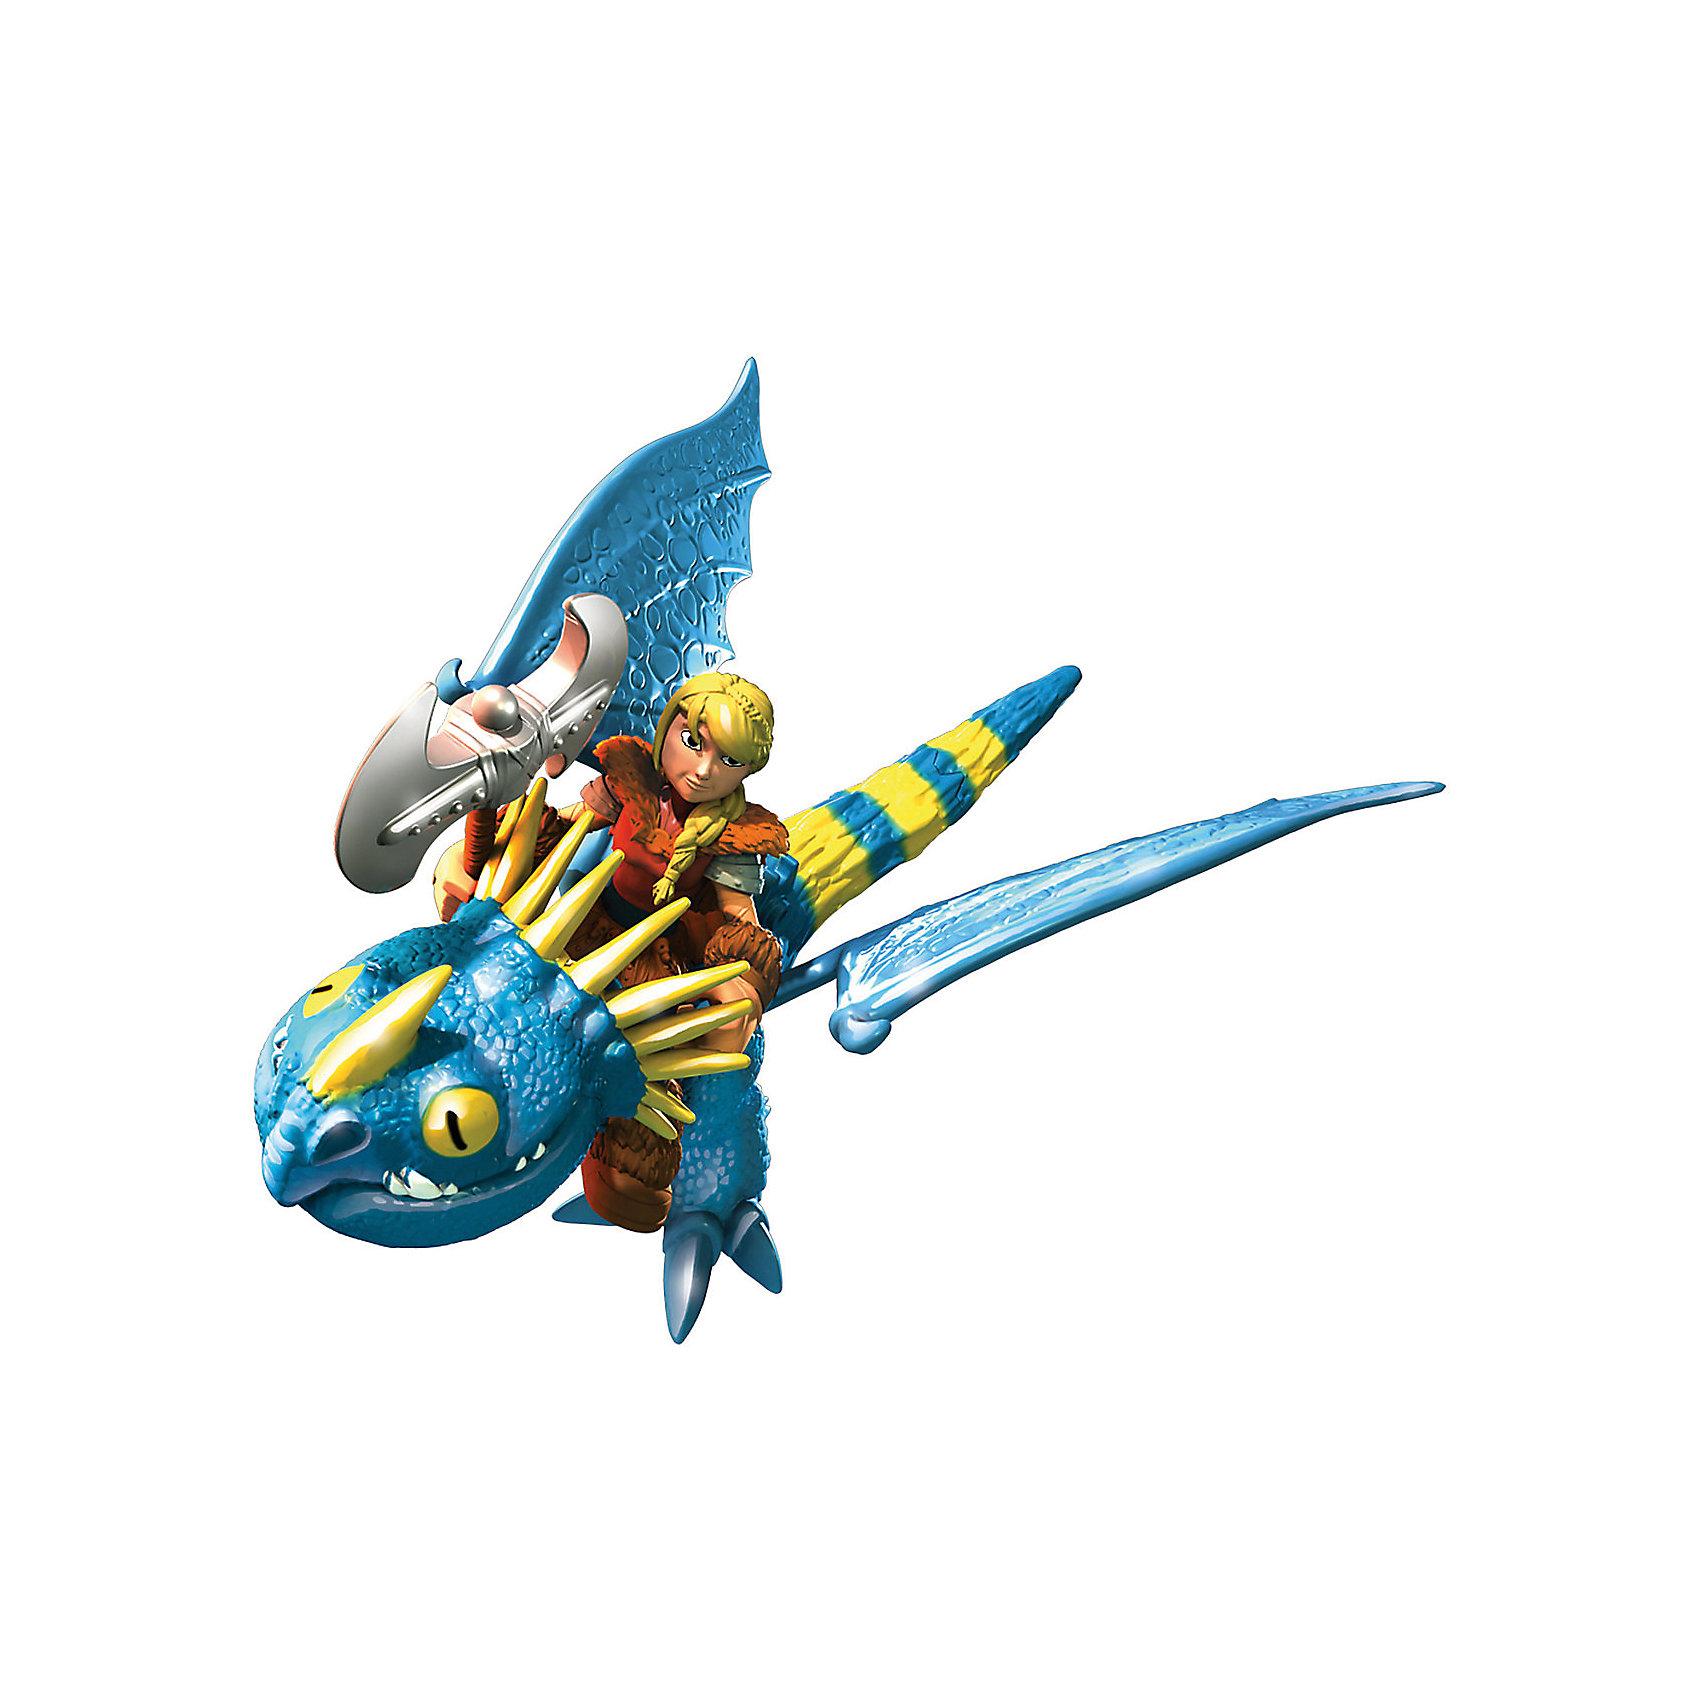 Набор Астрид и всадник, Как приручить дракона, Spin MasterХарактеристики товара:<br><br>- цвет: разноцветный;<br>- материал: пластик;<br>- размер упаковки: 29х21х10 см;<br>- размер дракона: 18 см;<br>- размер всадника: около 6 см;<br>- вес: 320 г;<br>- комплект: фигурки всадника и дракона.<br><br>Играть с героями любимого мультфильма - вдвойне интереснее! Дракон из мультика «Как приручить дракона» имеет гнущиеся крылья, а его всадник дополнен боевым оружием. Каждая фигурка прекрасно детализирована, отлично выполнена, поэтому она станет желанным подарком для ребенка. Такое изделие отлично тренирует у ребенка разные навыки: играя с фигурками, малыш развивает мелкую моторику, цветовосприятие, внимание, воображение и творческое мышление.<br>Из этих фигурок можно собрать целую коллекцию! Изделие произведено из высококачественного материала, безопасного для детей.<br><br>Набор Астрид и всадник, Как приручить дракона, от бренда Spin Master можно купить в нашем интернет-магазине.<br><br>Ширина мм: 290<br>Глубина мм: 100<br>Высота мм: 210<br>Вес г: 250<br>Возраст от месяцев: 36<br>Возраст до месяцев: 2147483647<br>Пол: Унисекс<br>Возраст: Детский<br>SKU: 5109447